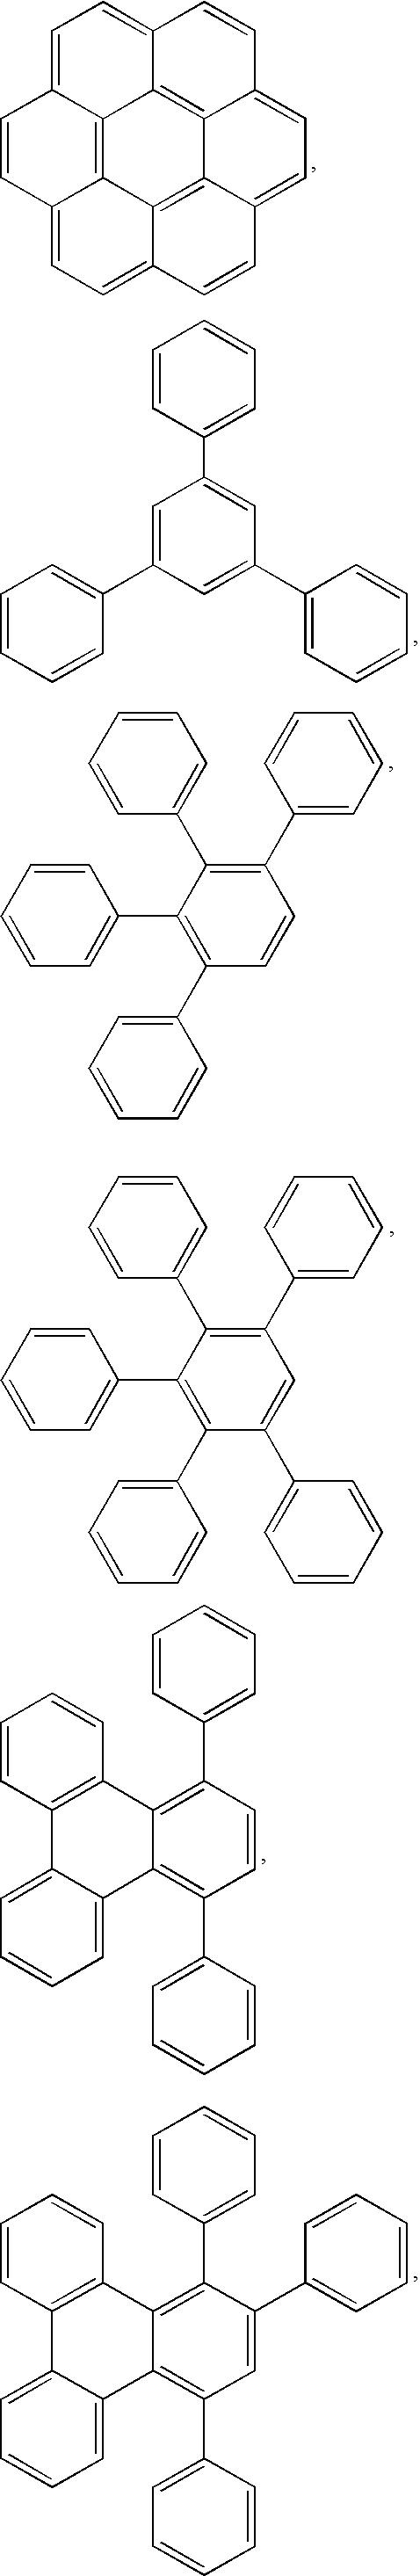 Figure US20070107835A1-20070517-C00089